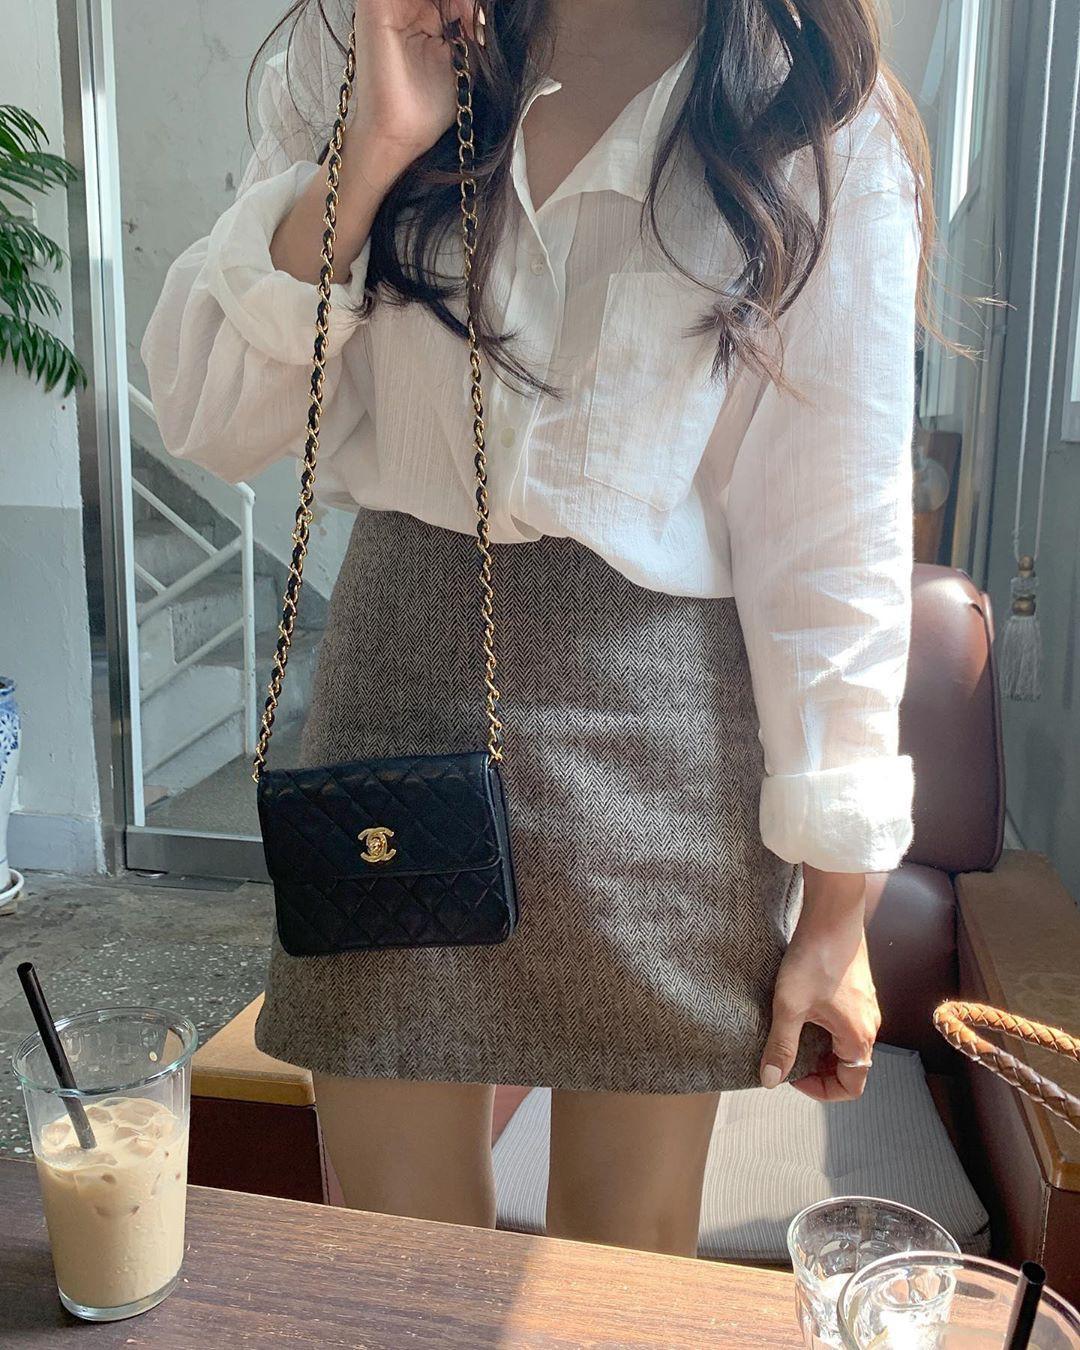 6 món thời trang Thu/Đông mà các nàng cao chưa đến 1m60 nên mạnh tay sắm - Ảnh 8